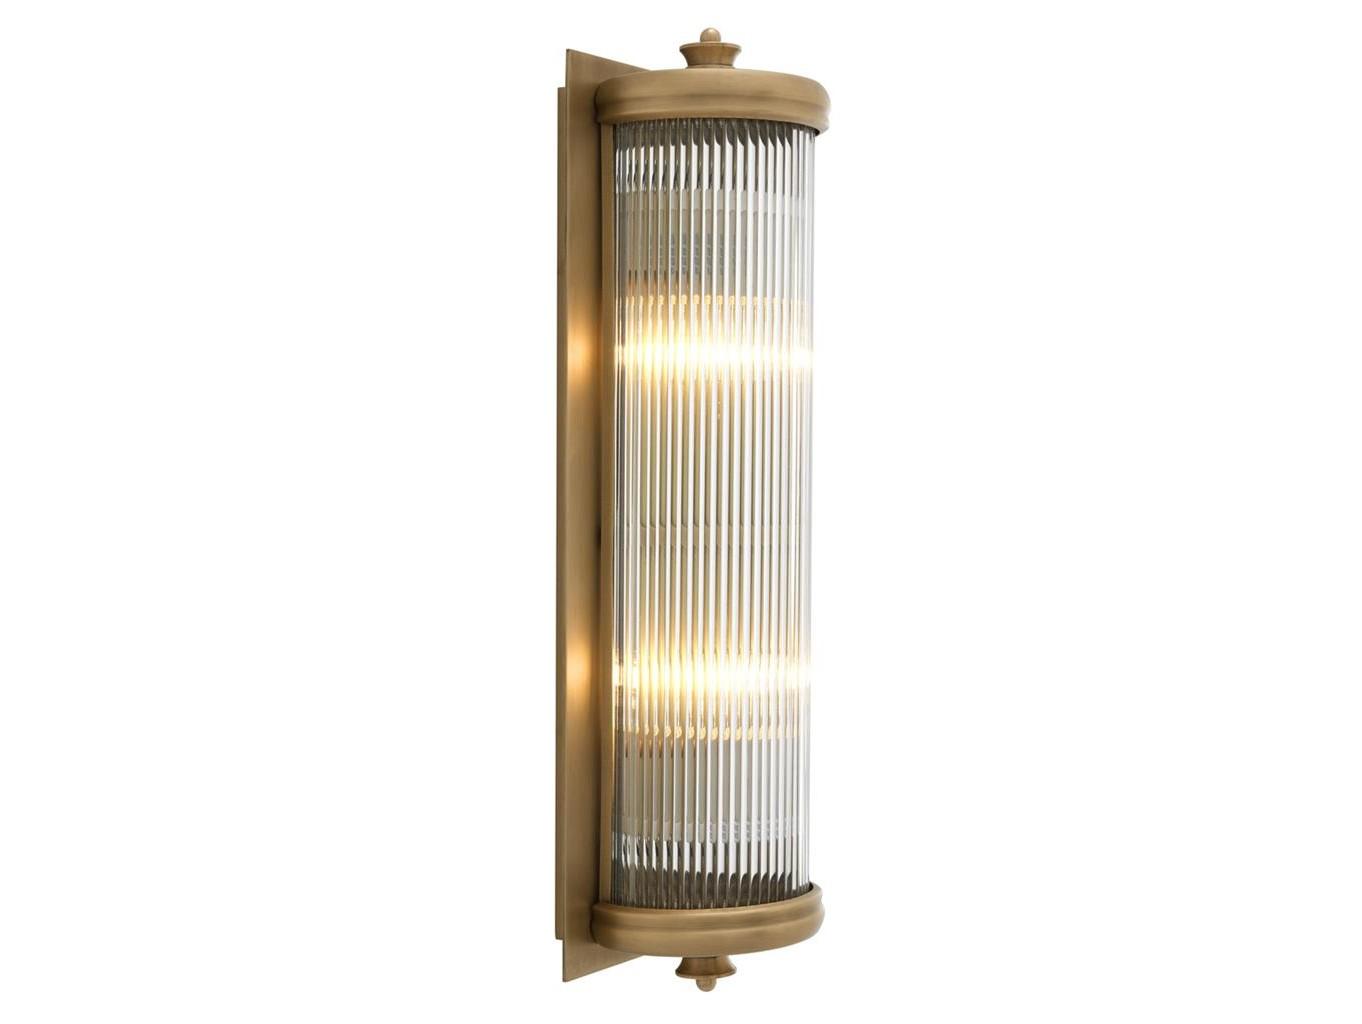 Настенный светильник Glorious LБра<br>Материал: стекло, металл&amp;lt;div&amp;gt;&amp;lt;br&amp;gt;&amp;lt;/div&amp;gt;&amp;lt;div&amp;gt;&amp;lt;div&amp;gt;Вид цоколя: E27&amp;lt;/div&amp;gt;&amp;lt;div&amp;gt;Мощность:&amp;amp;nbsp; 40W&amp;lt;/div&amp;gt;&amp;lt;div&amp;gt;Количество ламп: 2 (нет в комплекте)&amp;lt;/div&amp;gt;&amp;lt;/div&amp;gt;<br><br>Material: Стекло<br>Ширина см: 11.0<br>Высота см: 43.0<br>Глубина см: 13.0